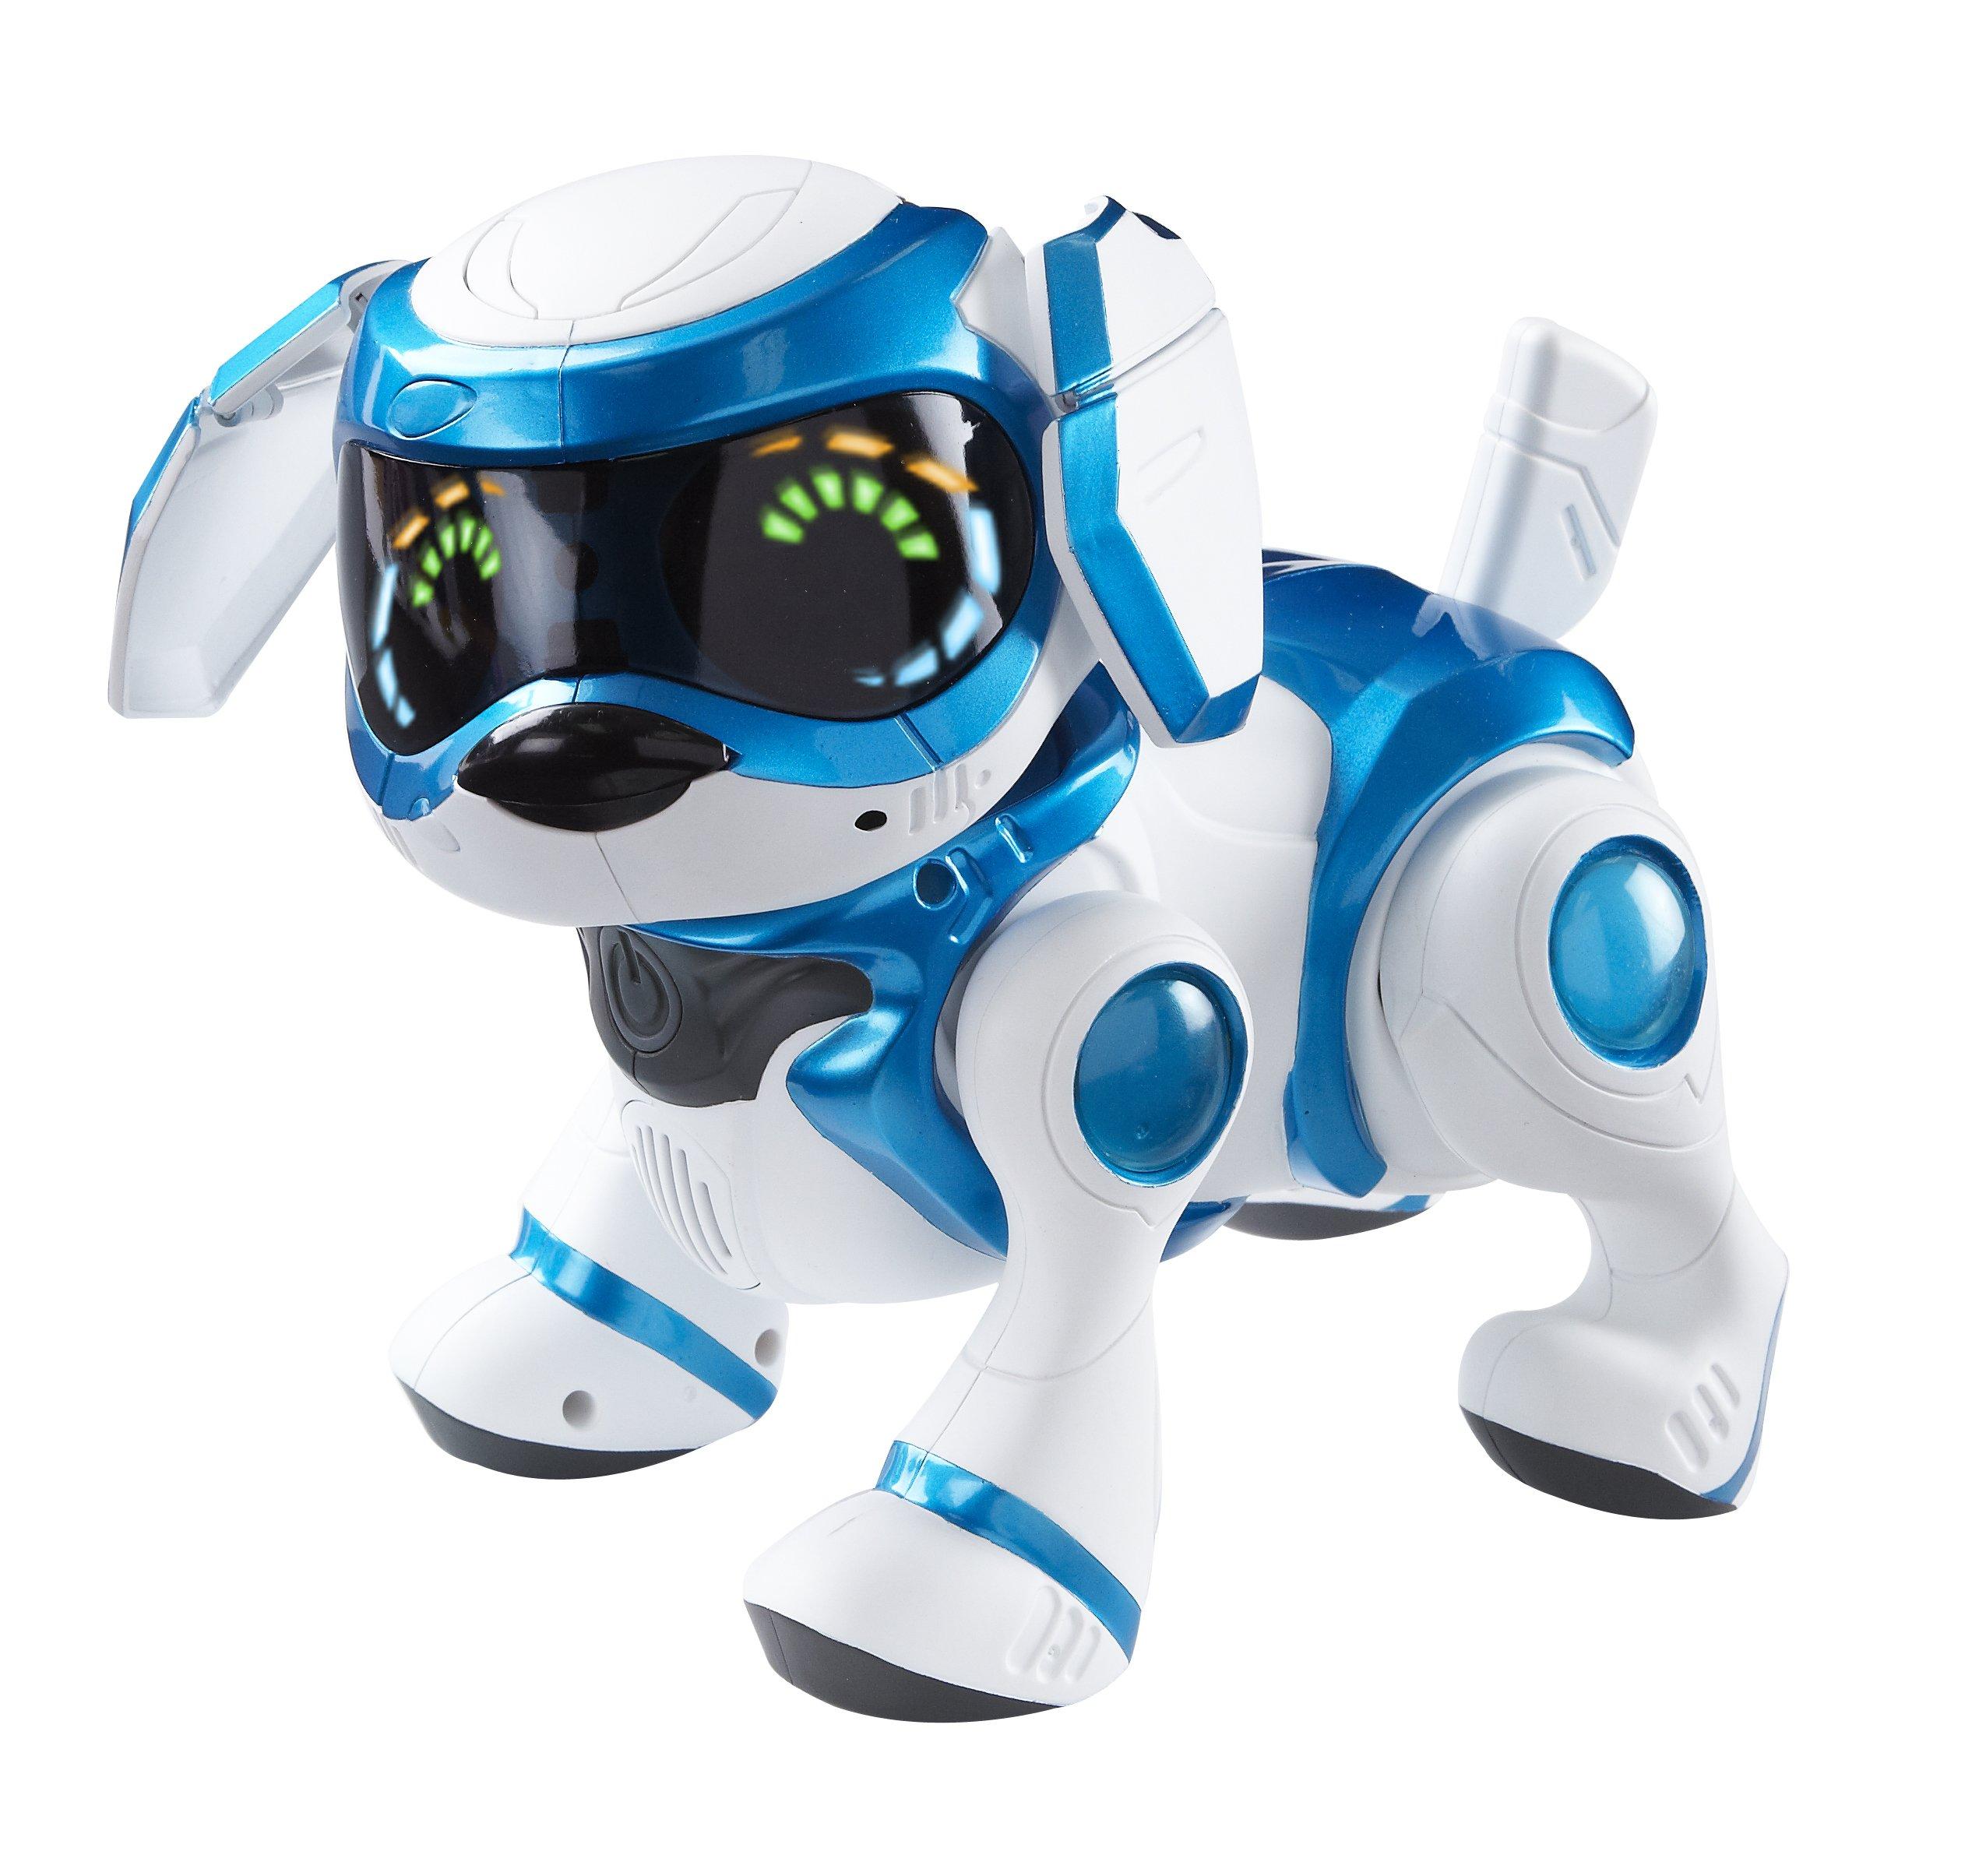 Teksta Robotic Puppy Blue by Bit 360